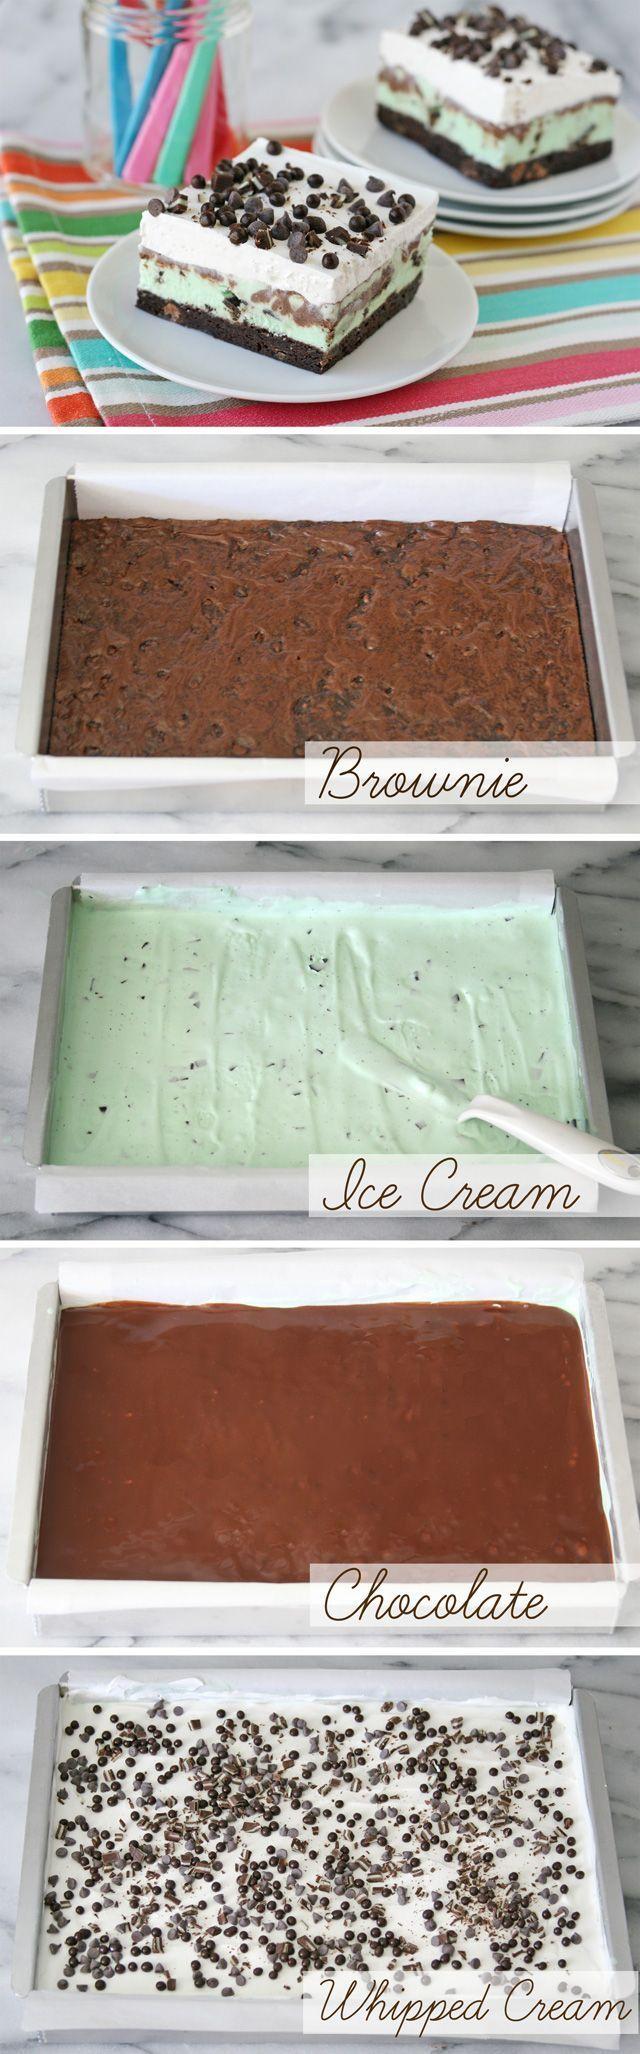 23 Formas de comer helado que te harán sentir que has desperdiciado tu vida